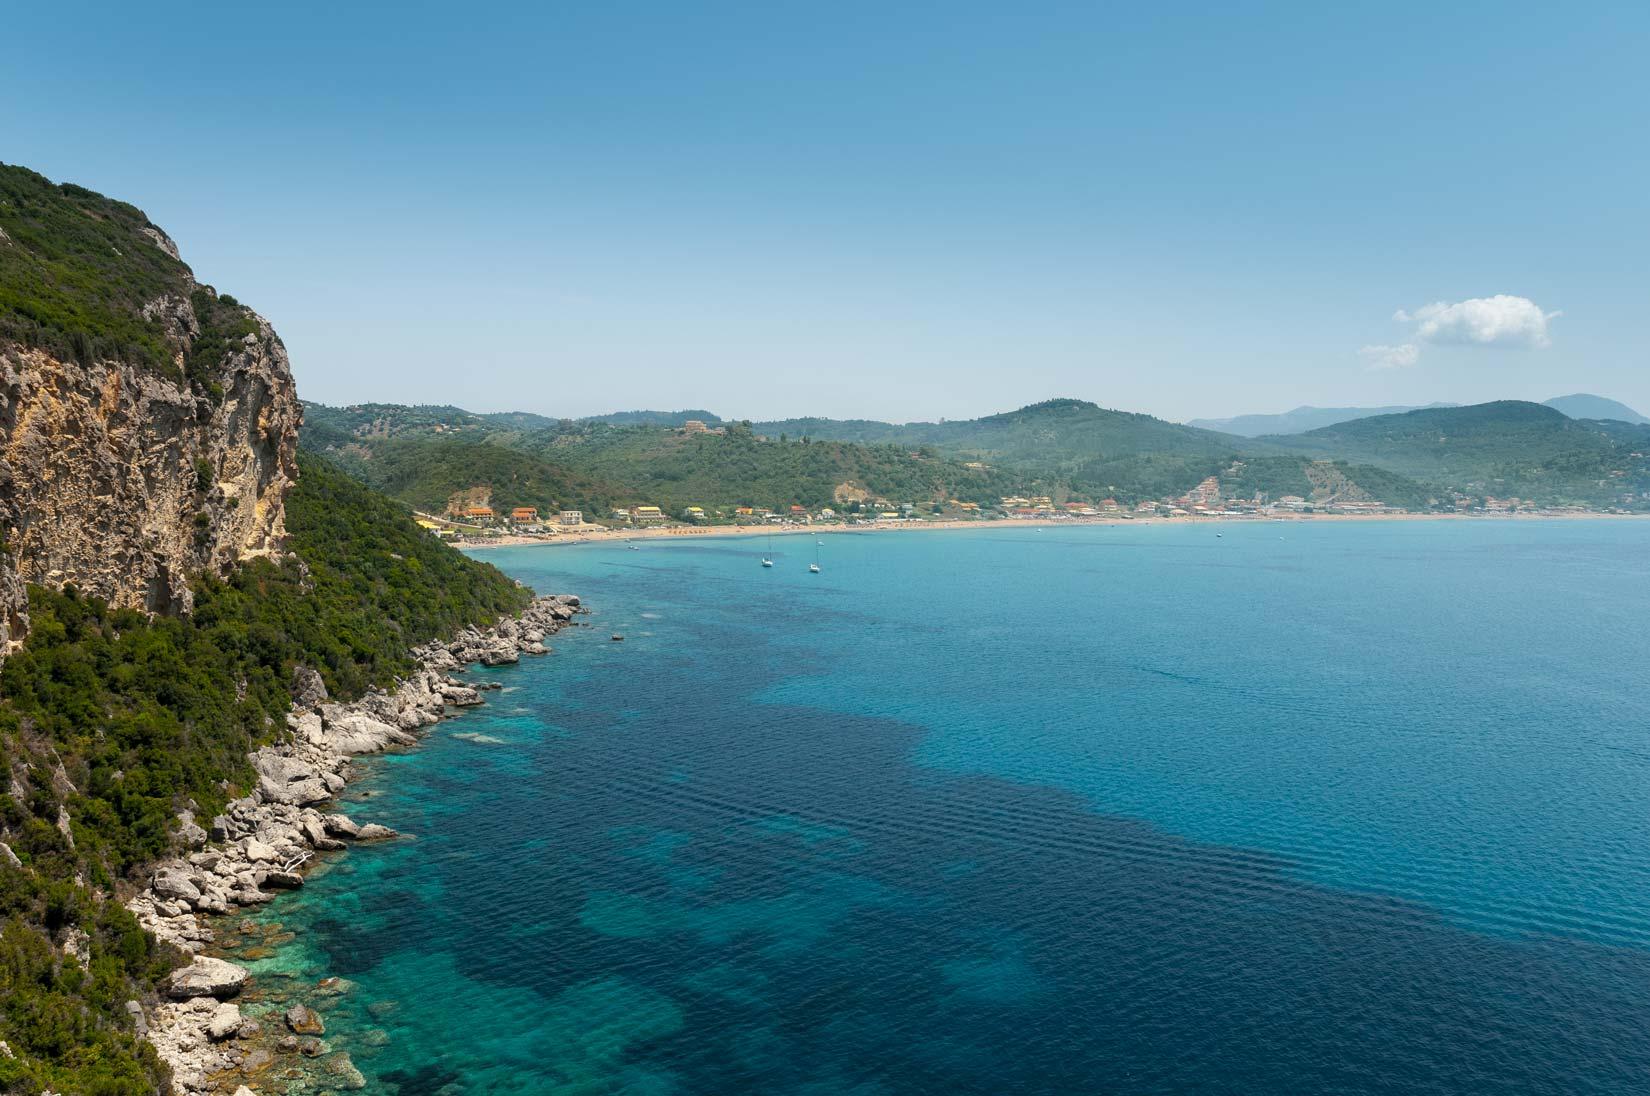 Výhled na záliv Agios Georgios Pagon cestou k Porto Timoni